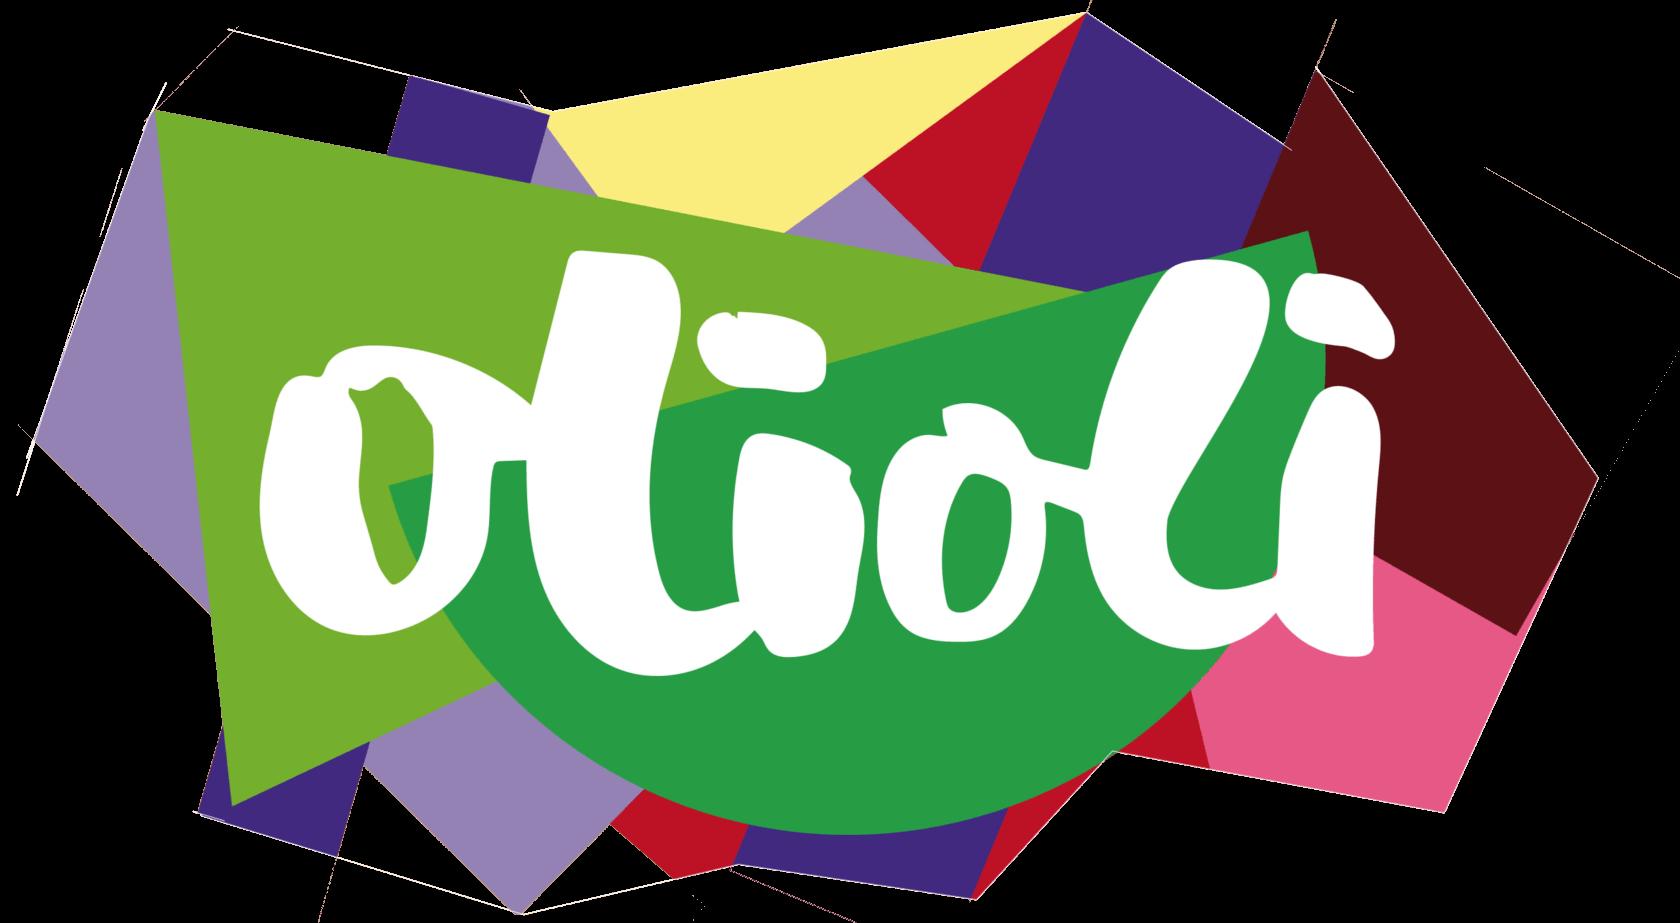 Oli Oli